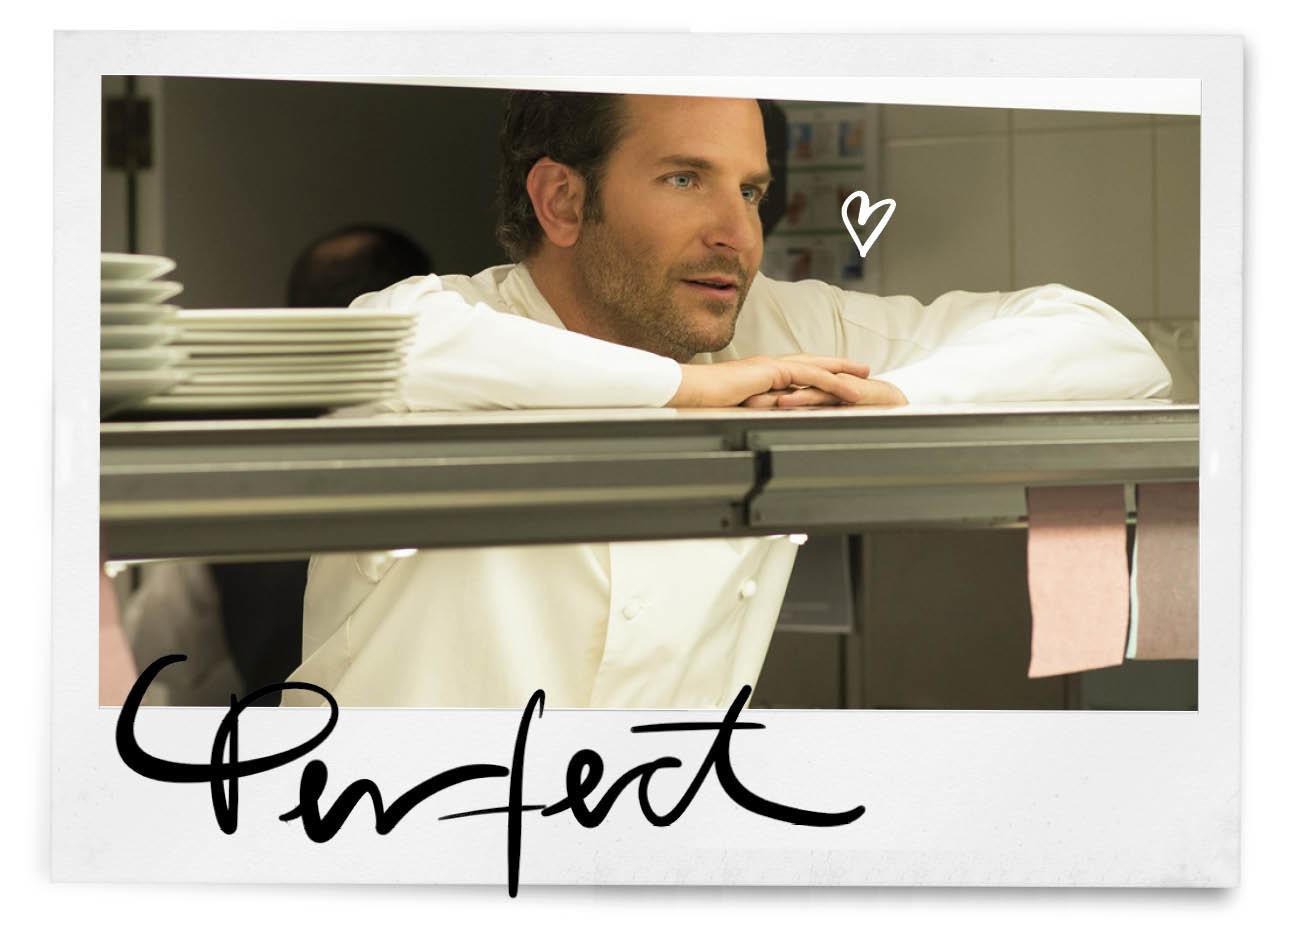 foodfilm met bradley cooper als chefkok